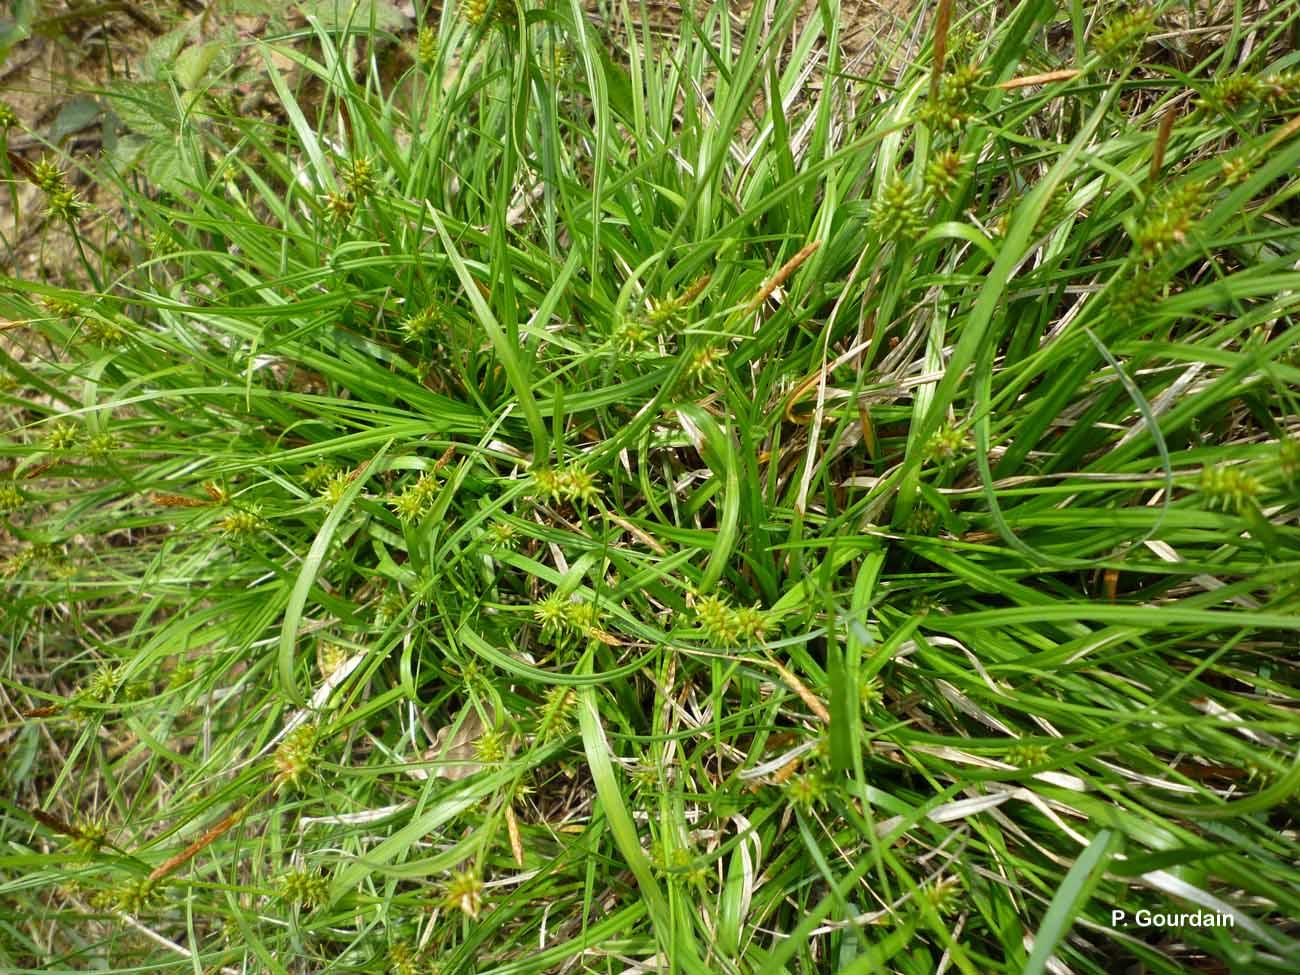 Carex demissa